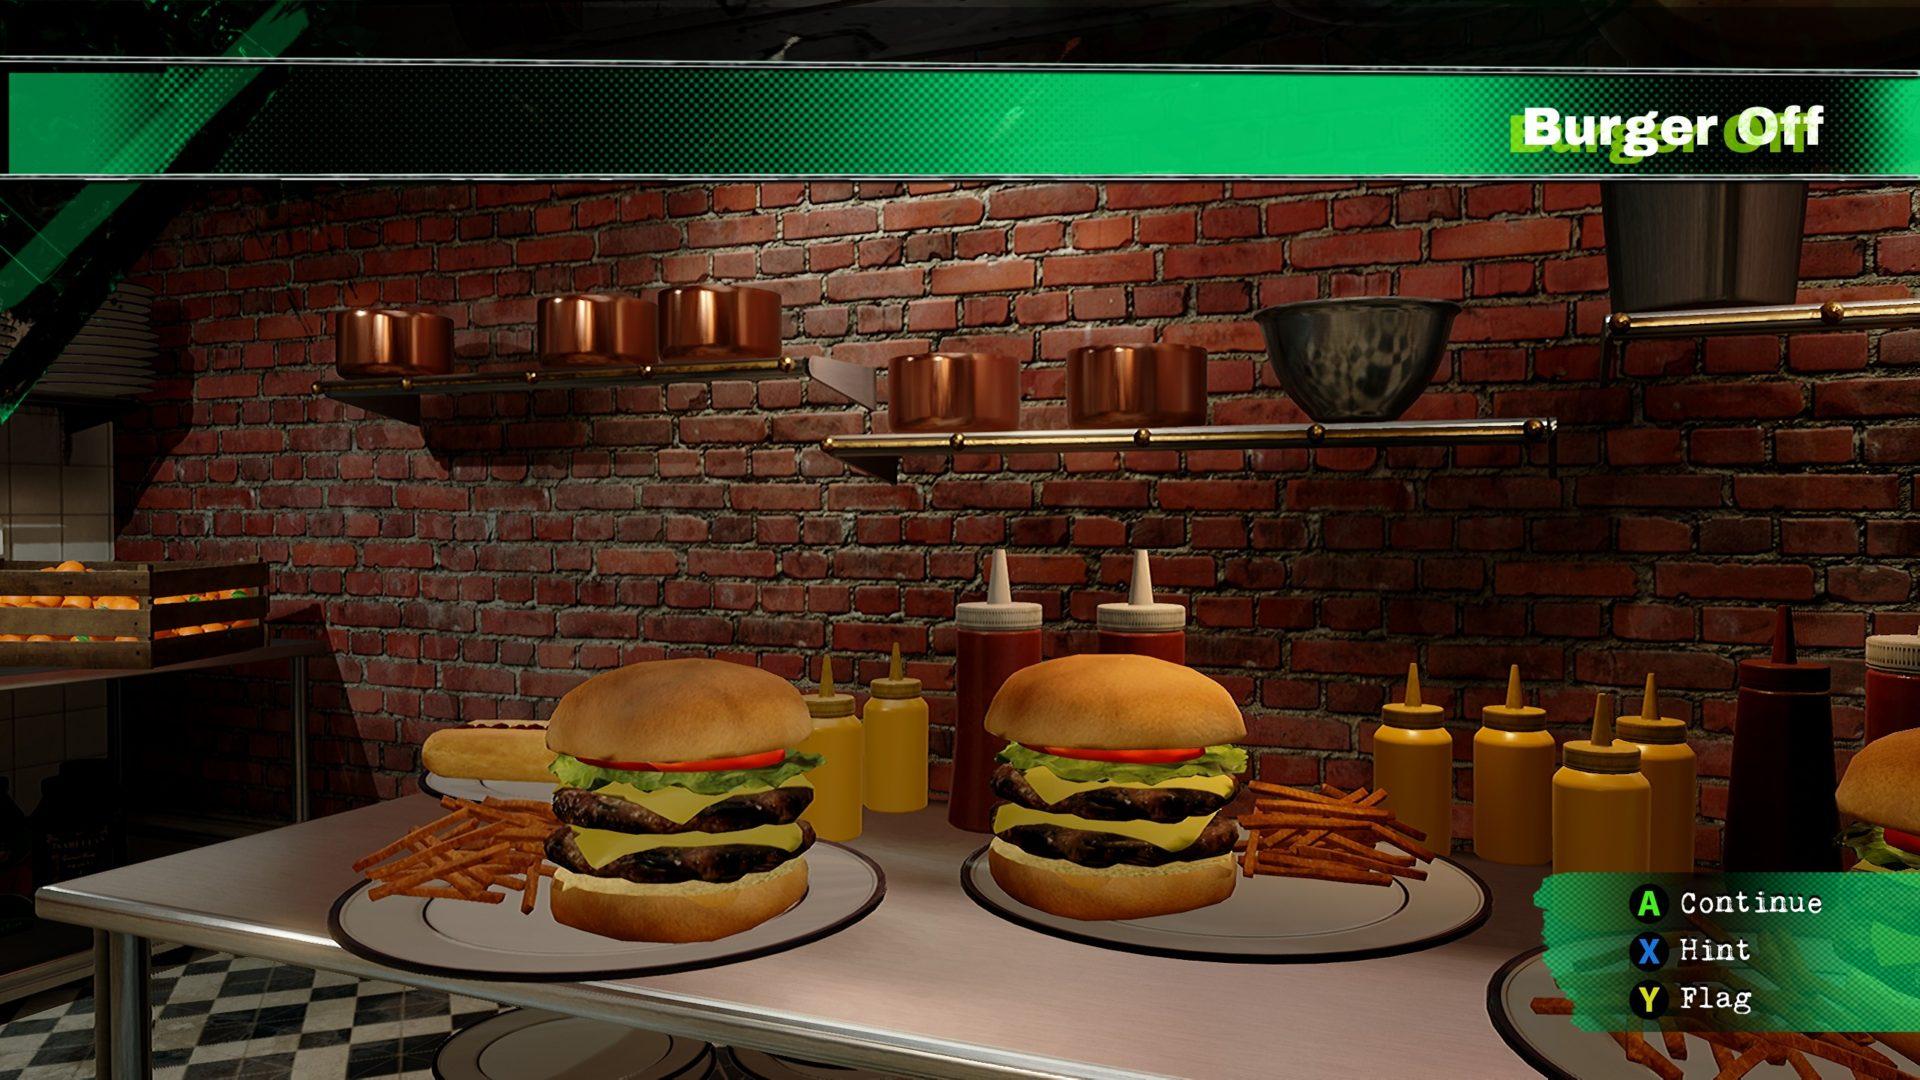 1_7_a_BurgerOff